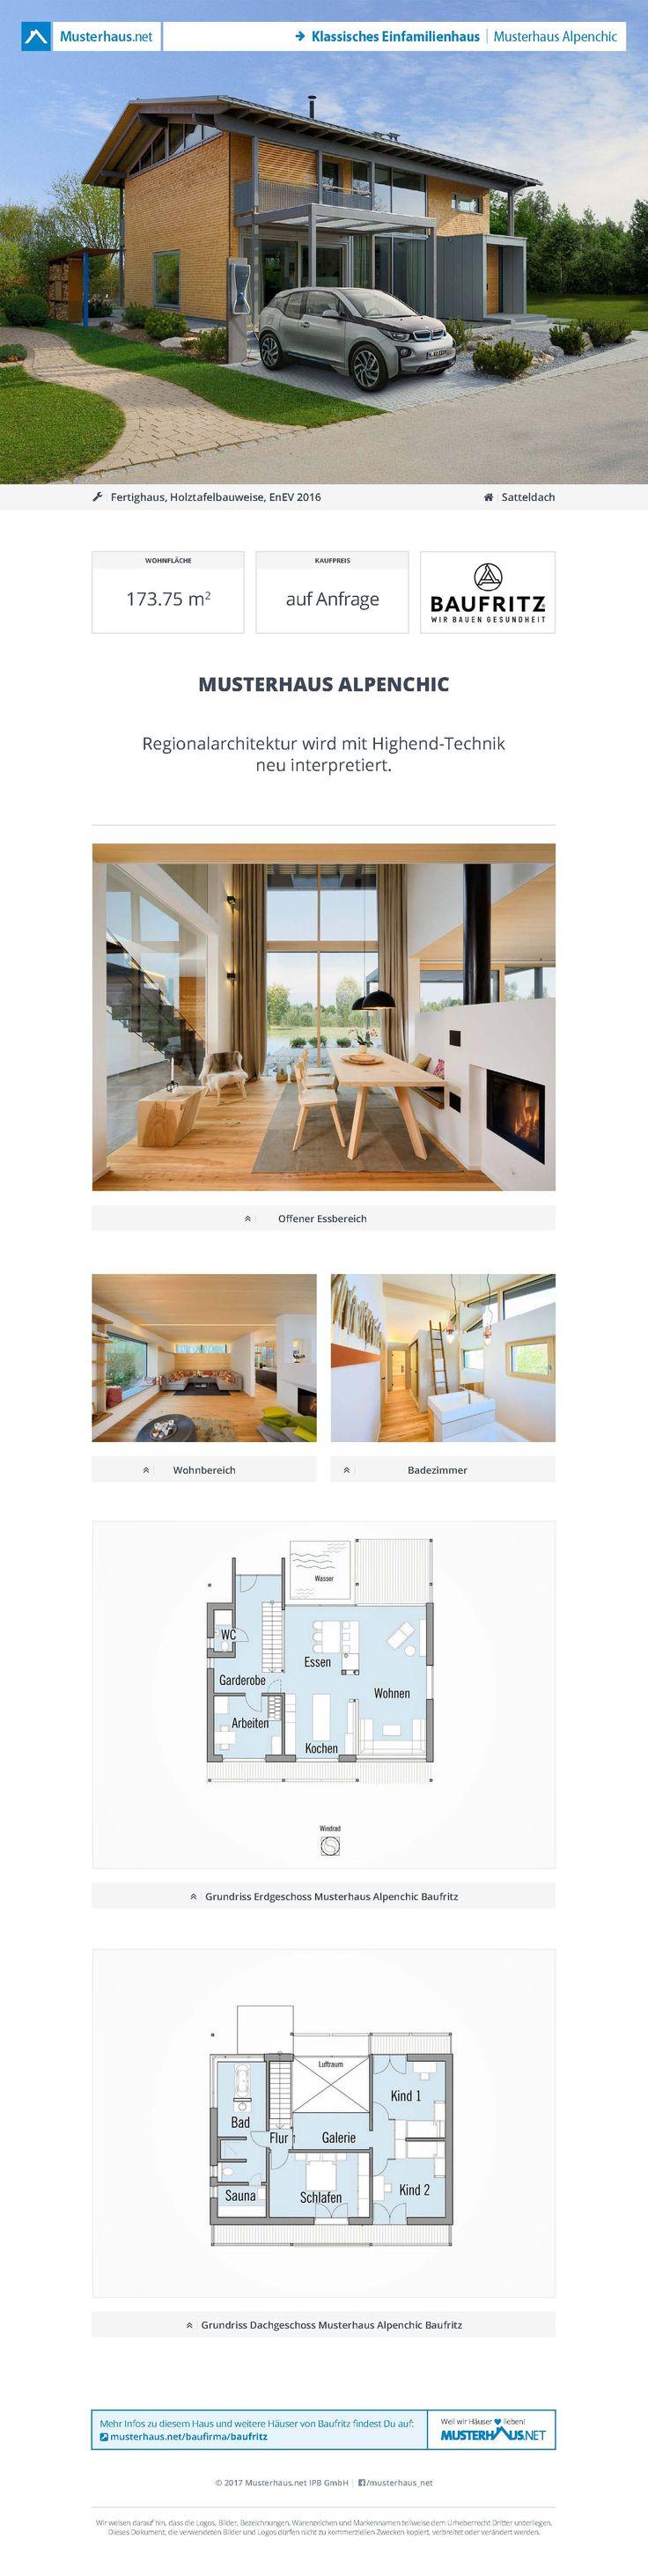 Musterhaus Alpenchic • Holzhaus von Baufritz • Modernes Einfamilienhaus mit außergewöhnlichen Energiekonzept • Jetzt bei Musterhaus